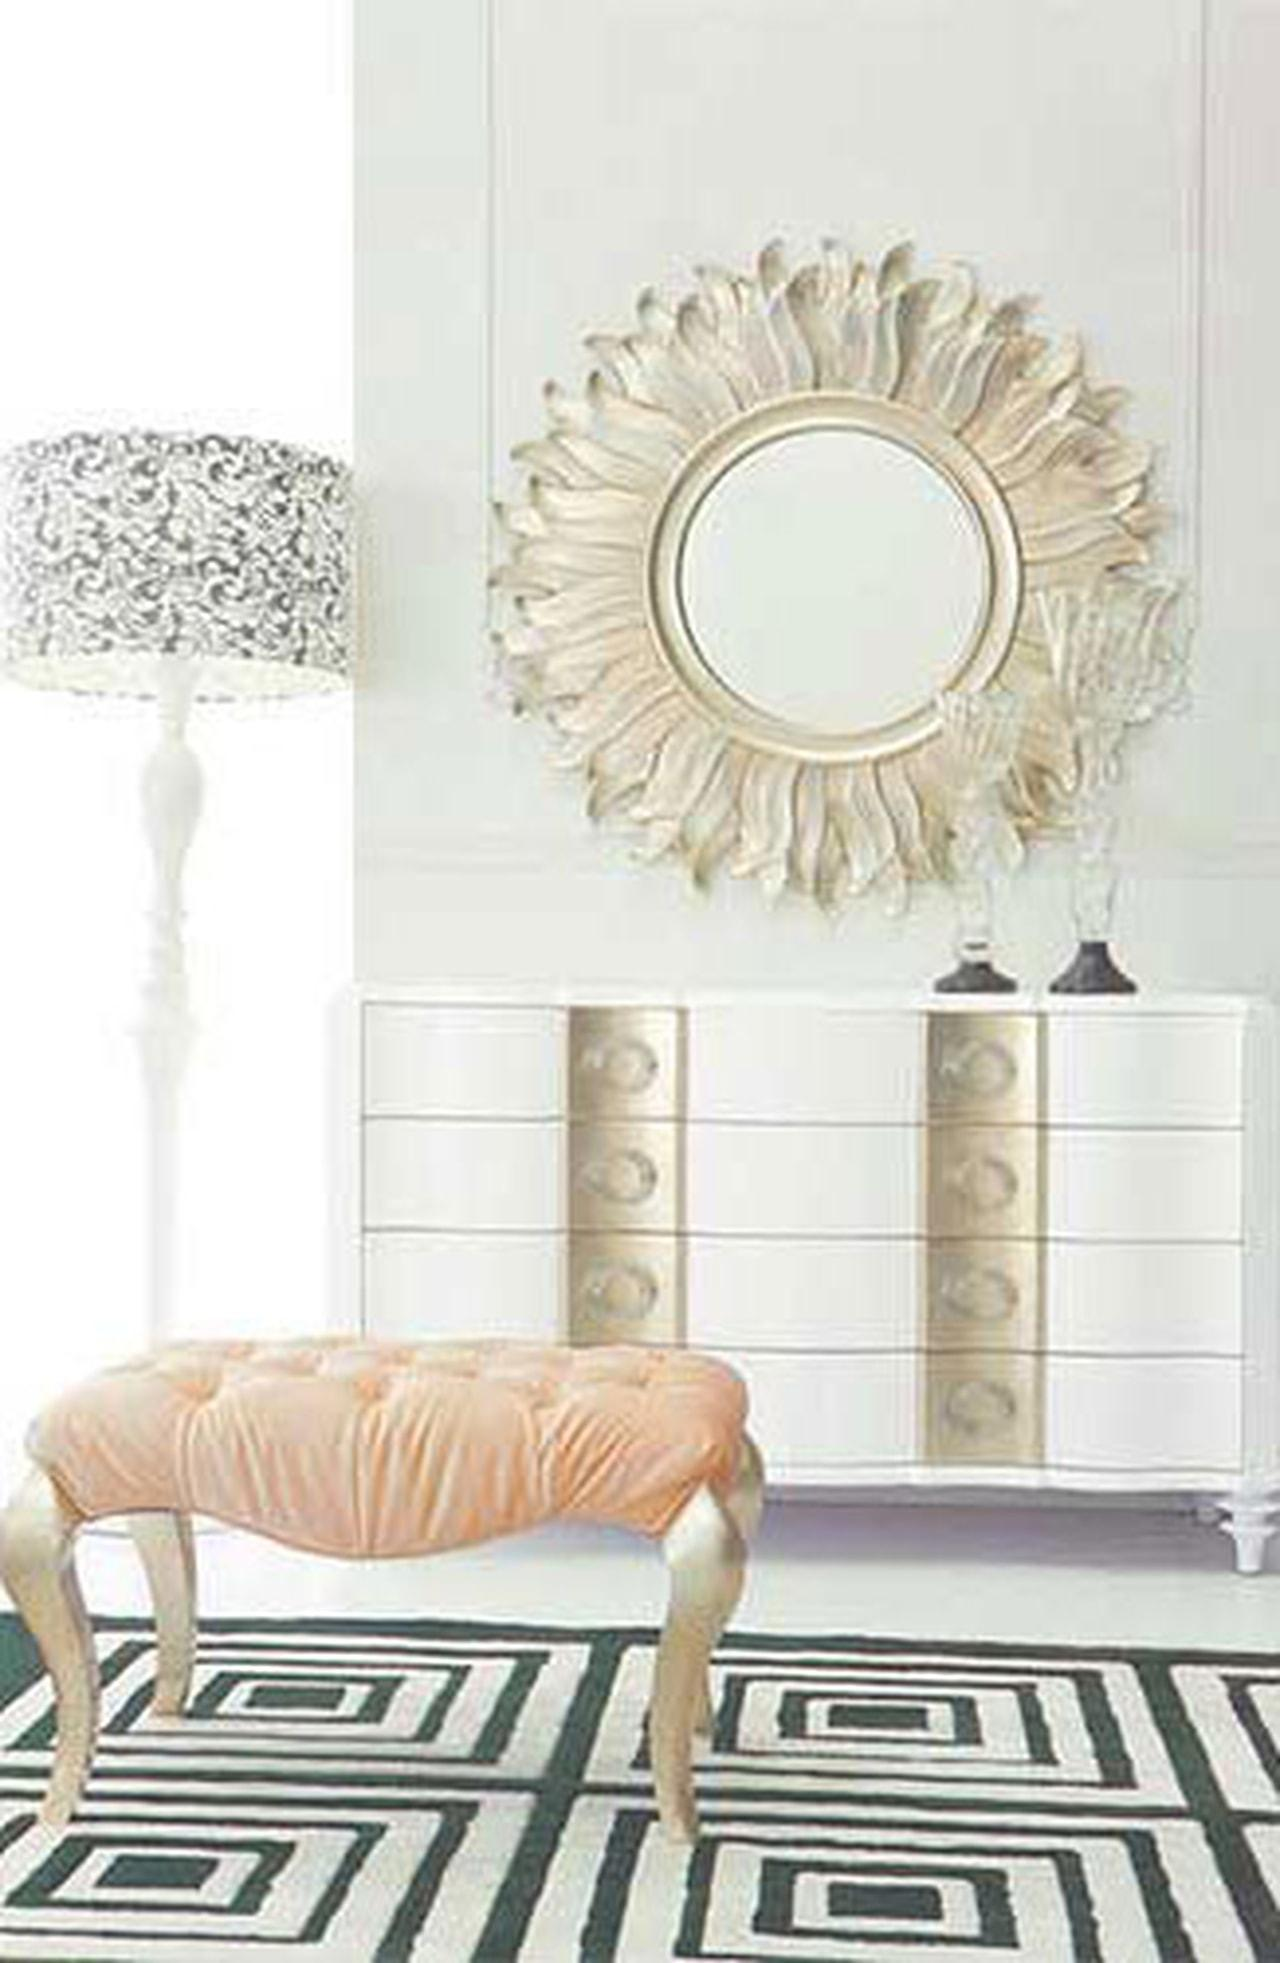 ديكورات كلاسيكية للمسات فاخرة في منزلك من الحذيفة 105144105.jpg